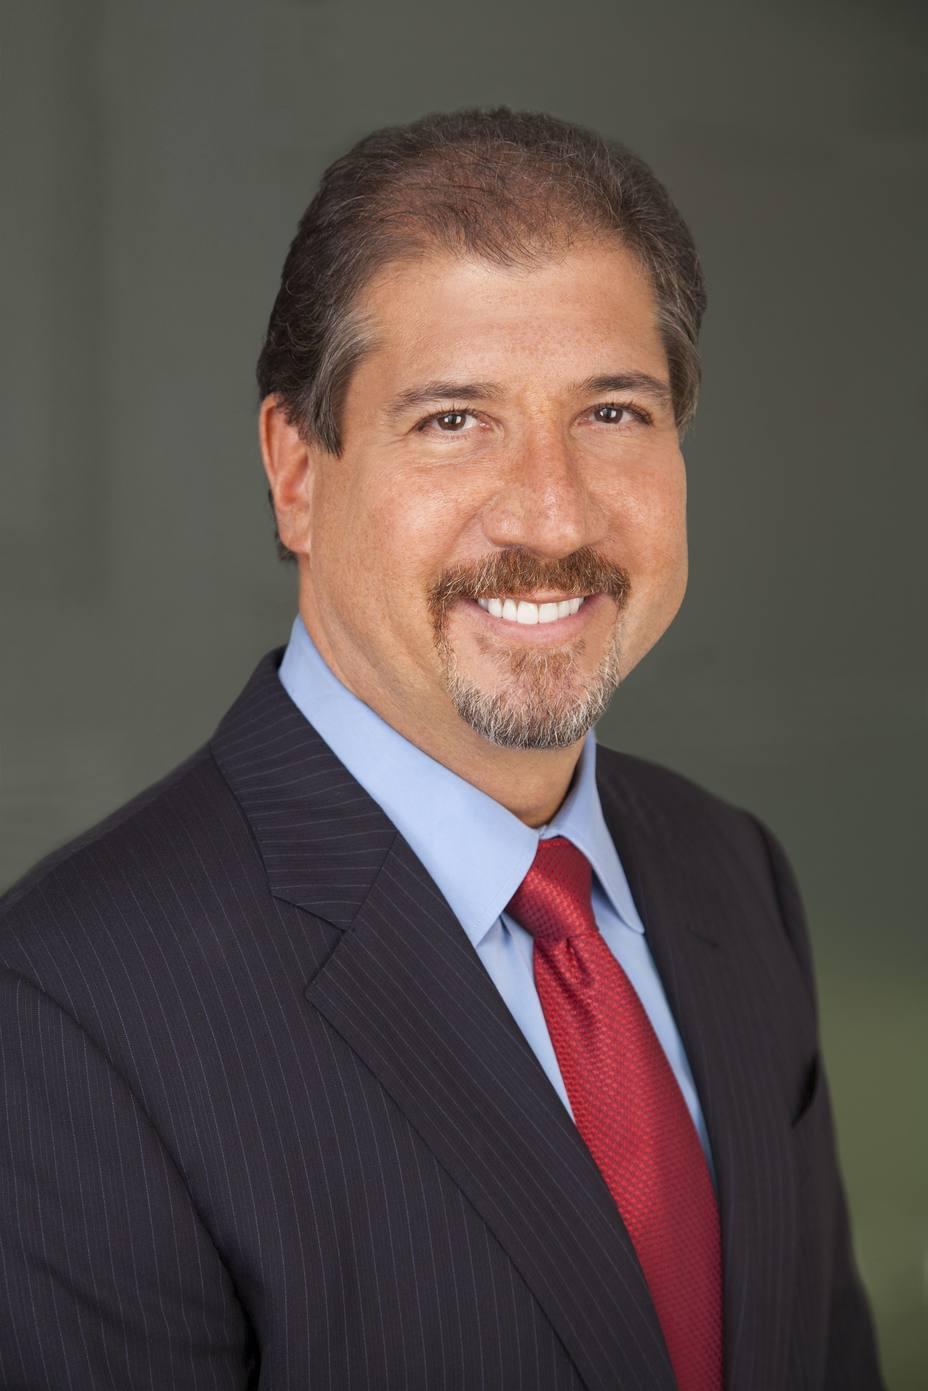 El presidente y consejero de EY, Mark Weinberger, abandonará su cargo en 2019